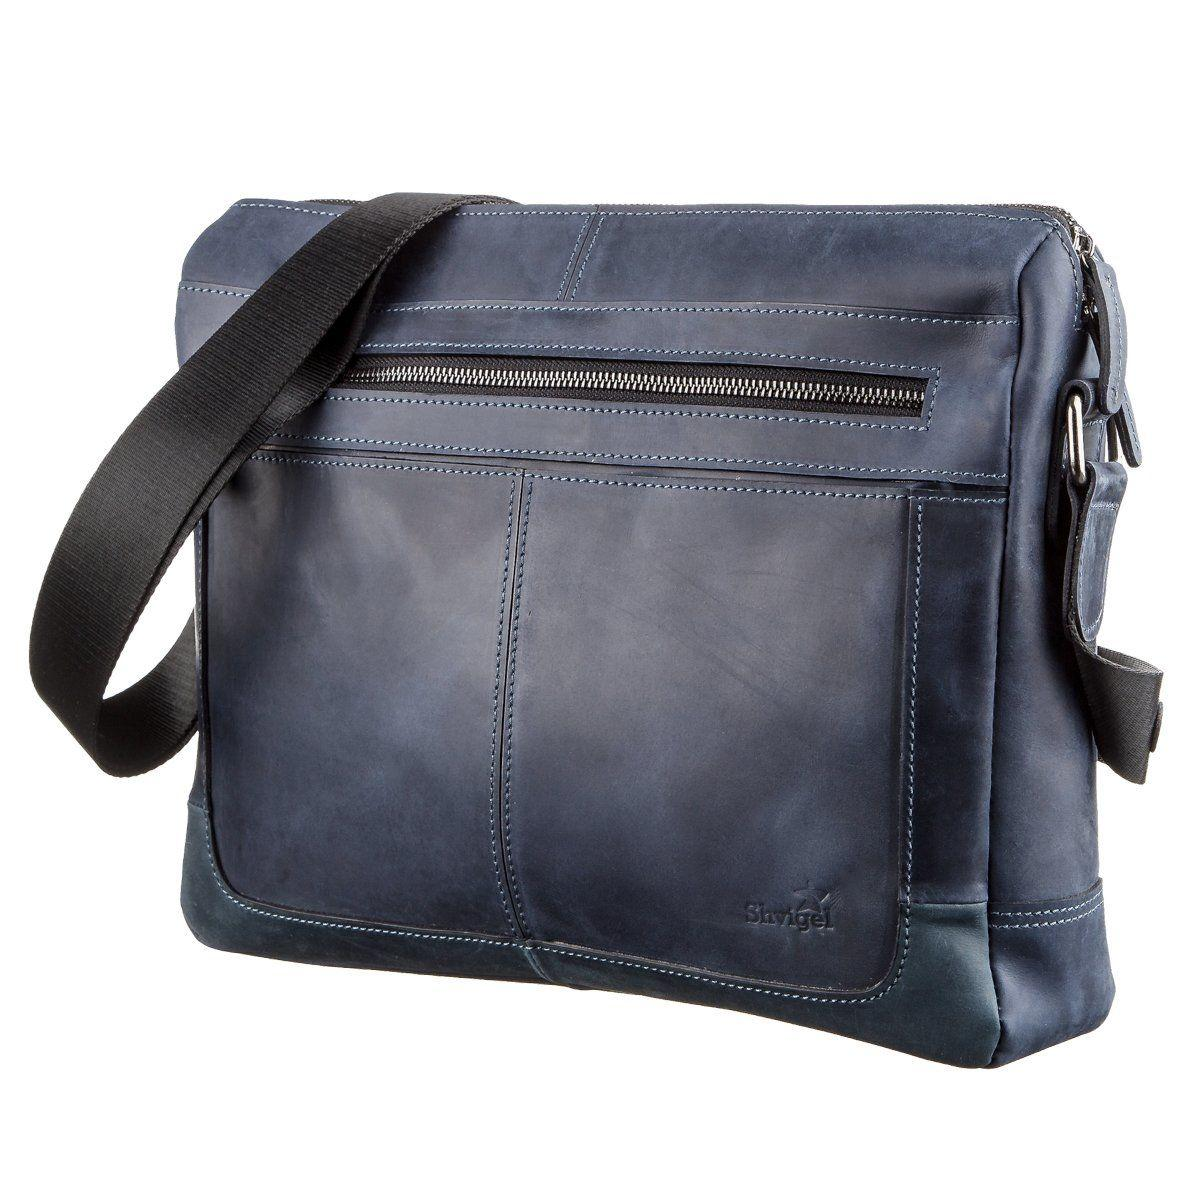 Деловая мужская кожаная сумка на плечо SHVIGEL 11249 Синяя, Синий